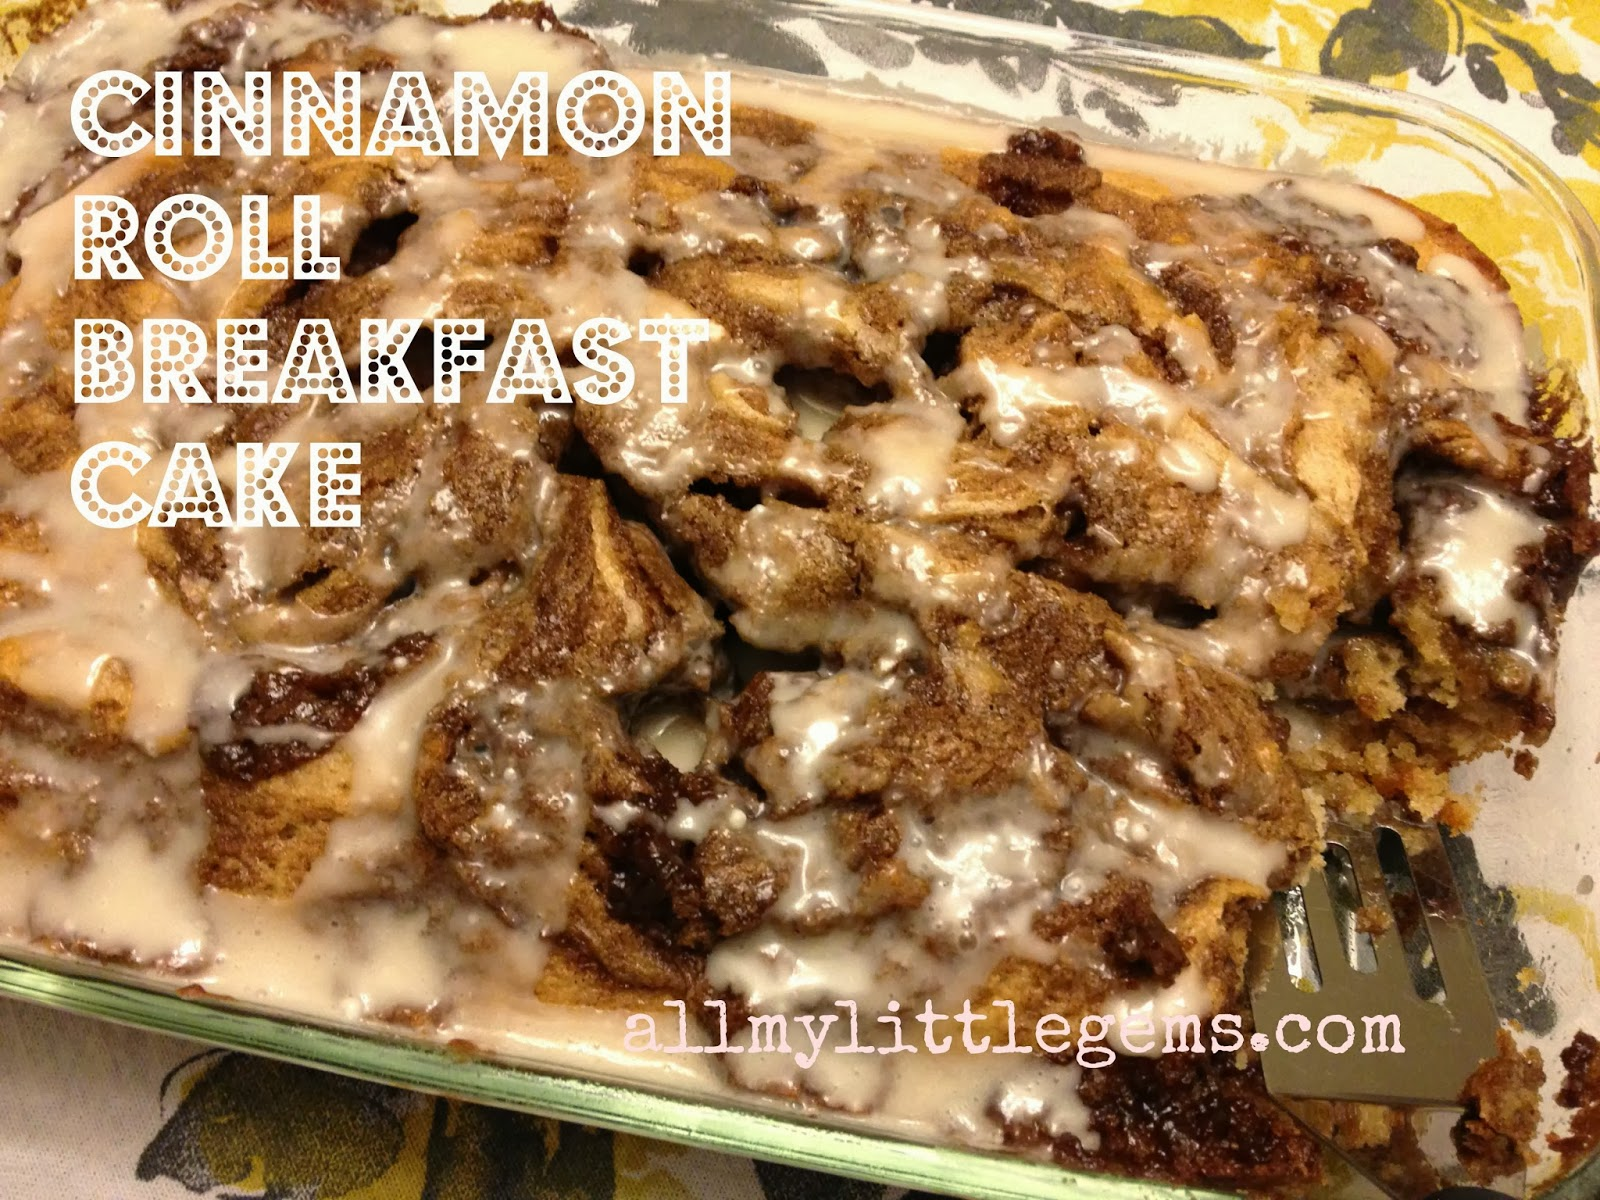 http://1.bp.blogspot.com/-D3A92ZiZOU8/Uj-6_UoozBI/AAAAAAAAK6M/Ea0UAAGzOFc/s1600/cinnamonrollbreakfastcake.jpg